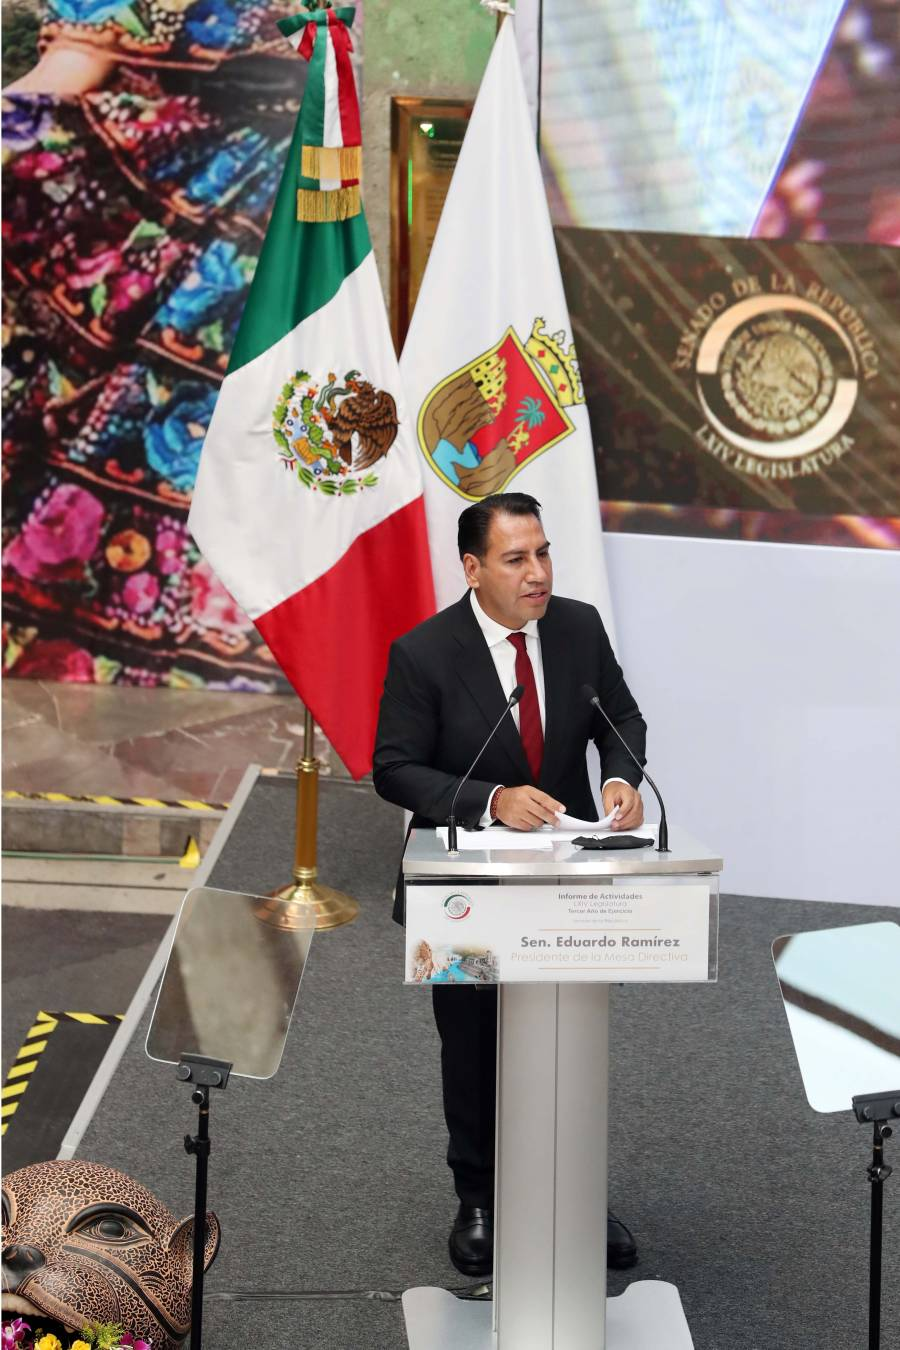 Presidente del Senado llama a la reconciliación nacional y dejar atrás la polarización